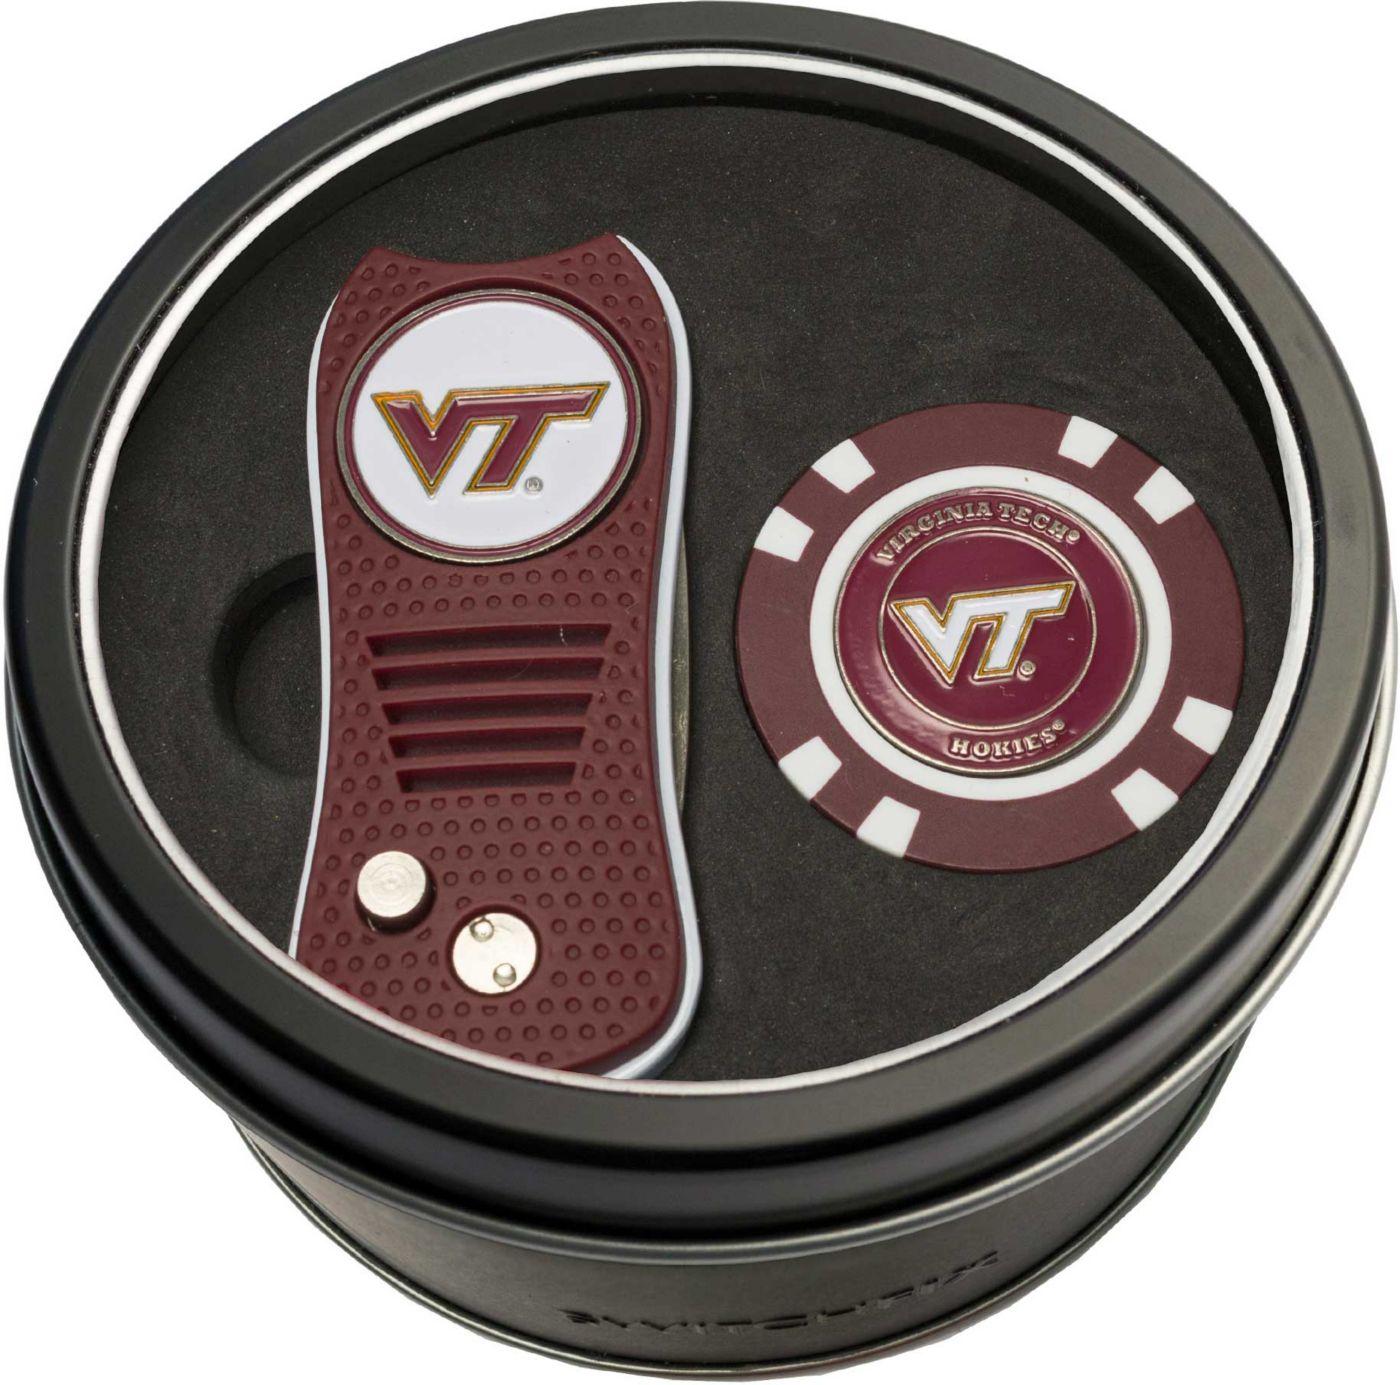 Team Golf Virginia Tech Hokies Switchfix Divot Tool and Poker Chip Ball Marker Set